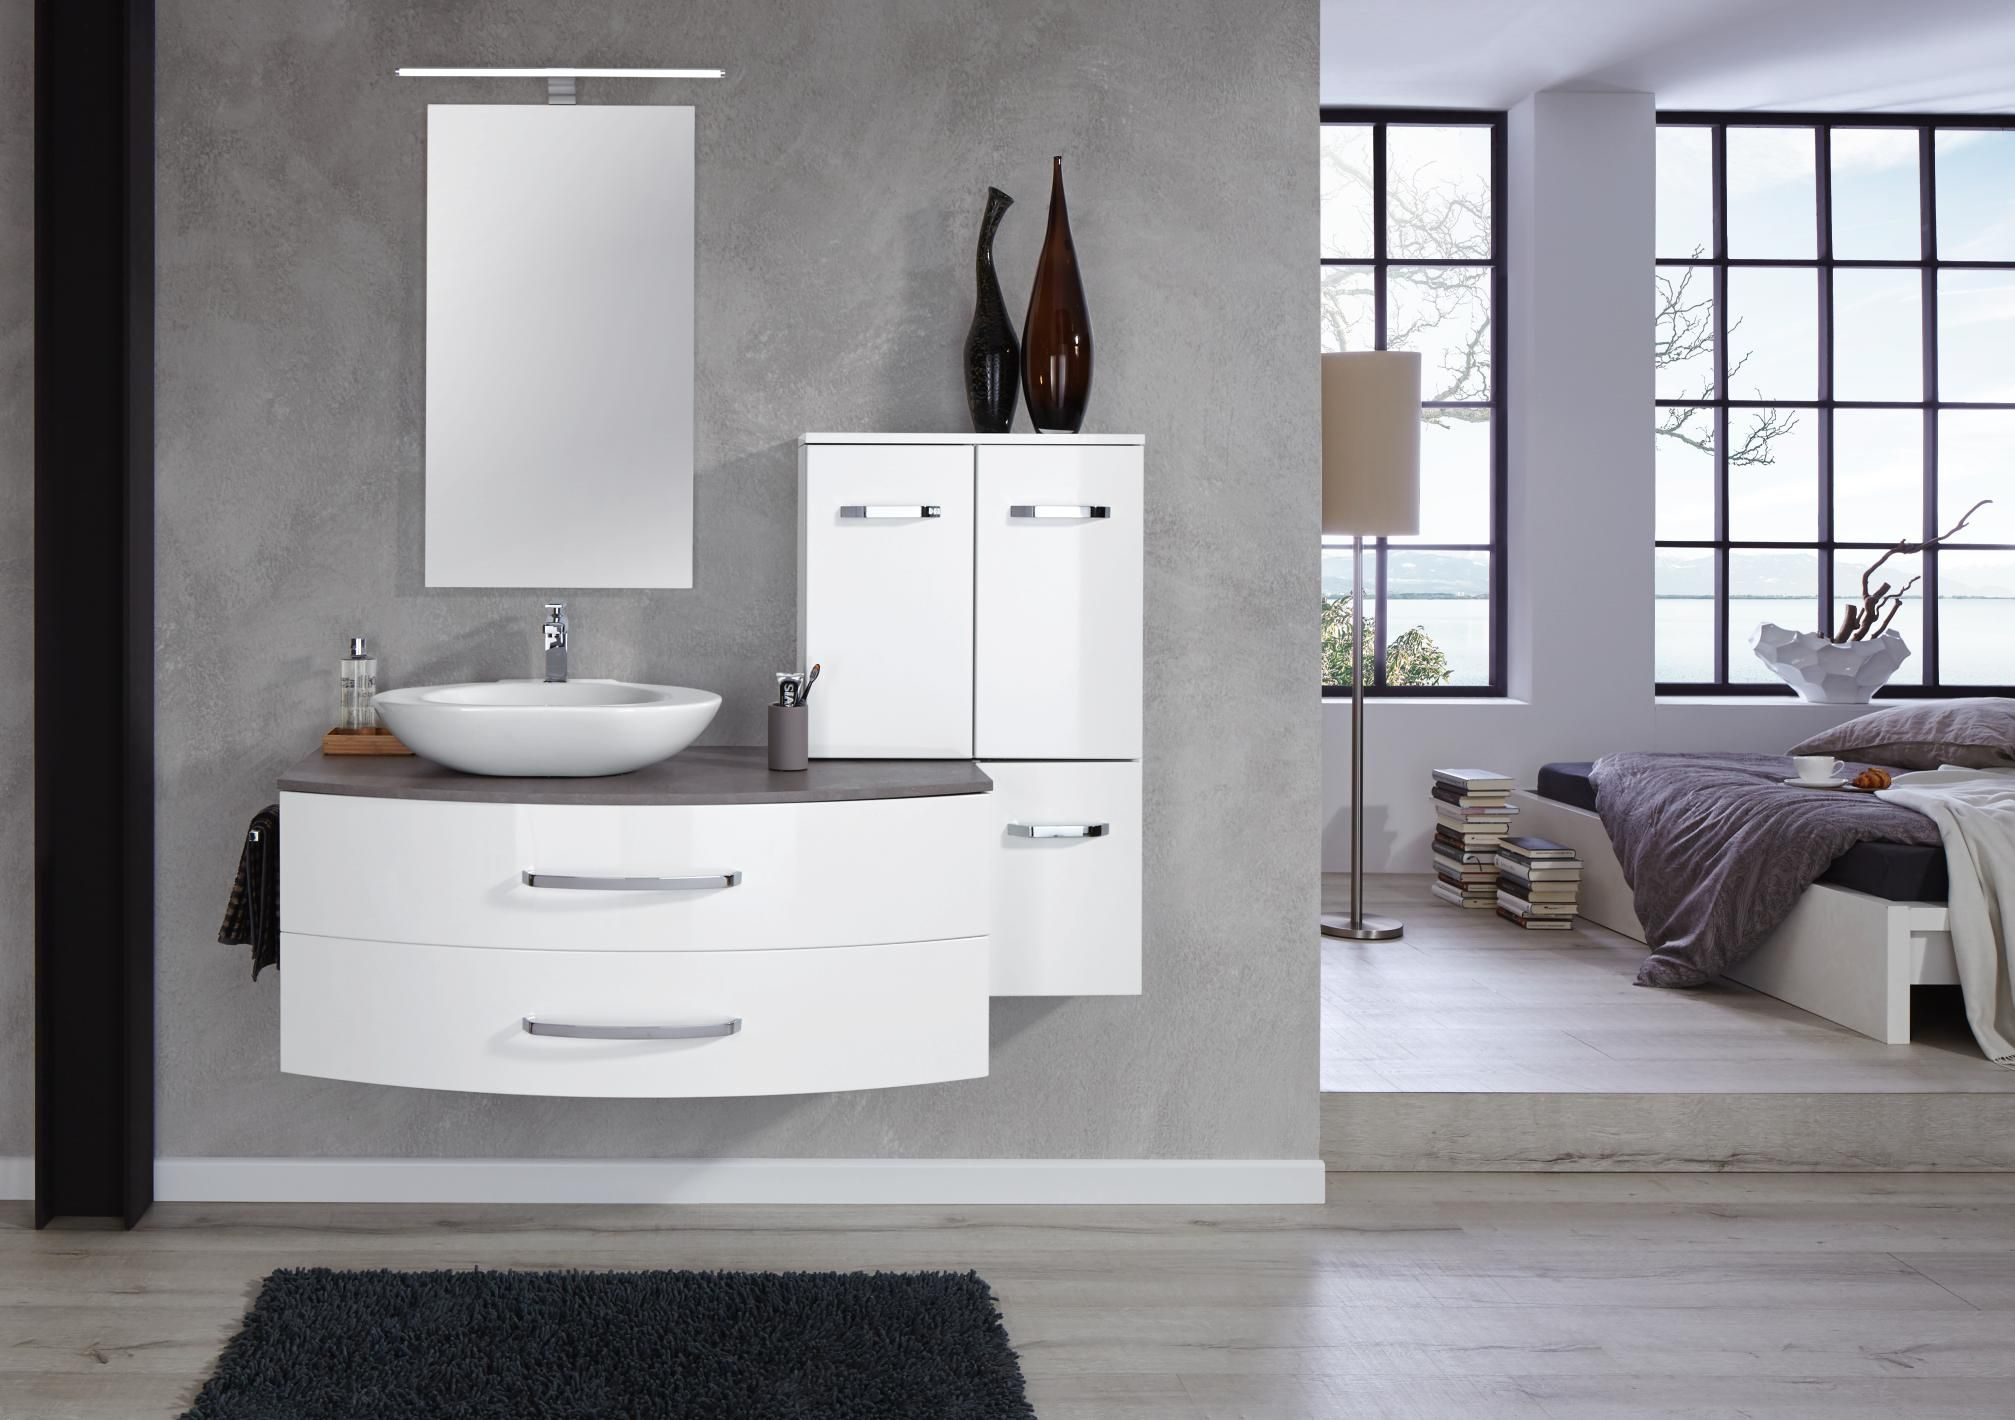 Badezimmer hängeschrank ~ Hochwertiges und edles badezimmer von dieter knoll badezimmer